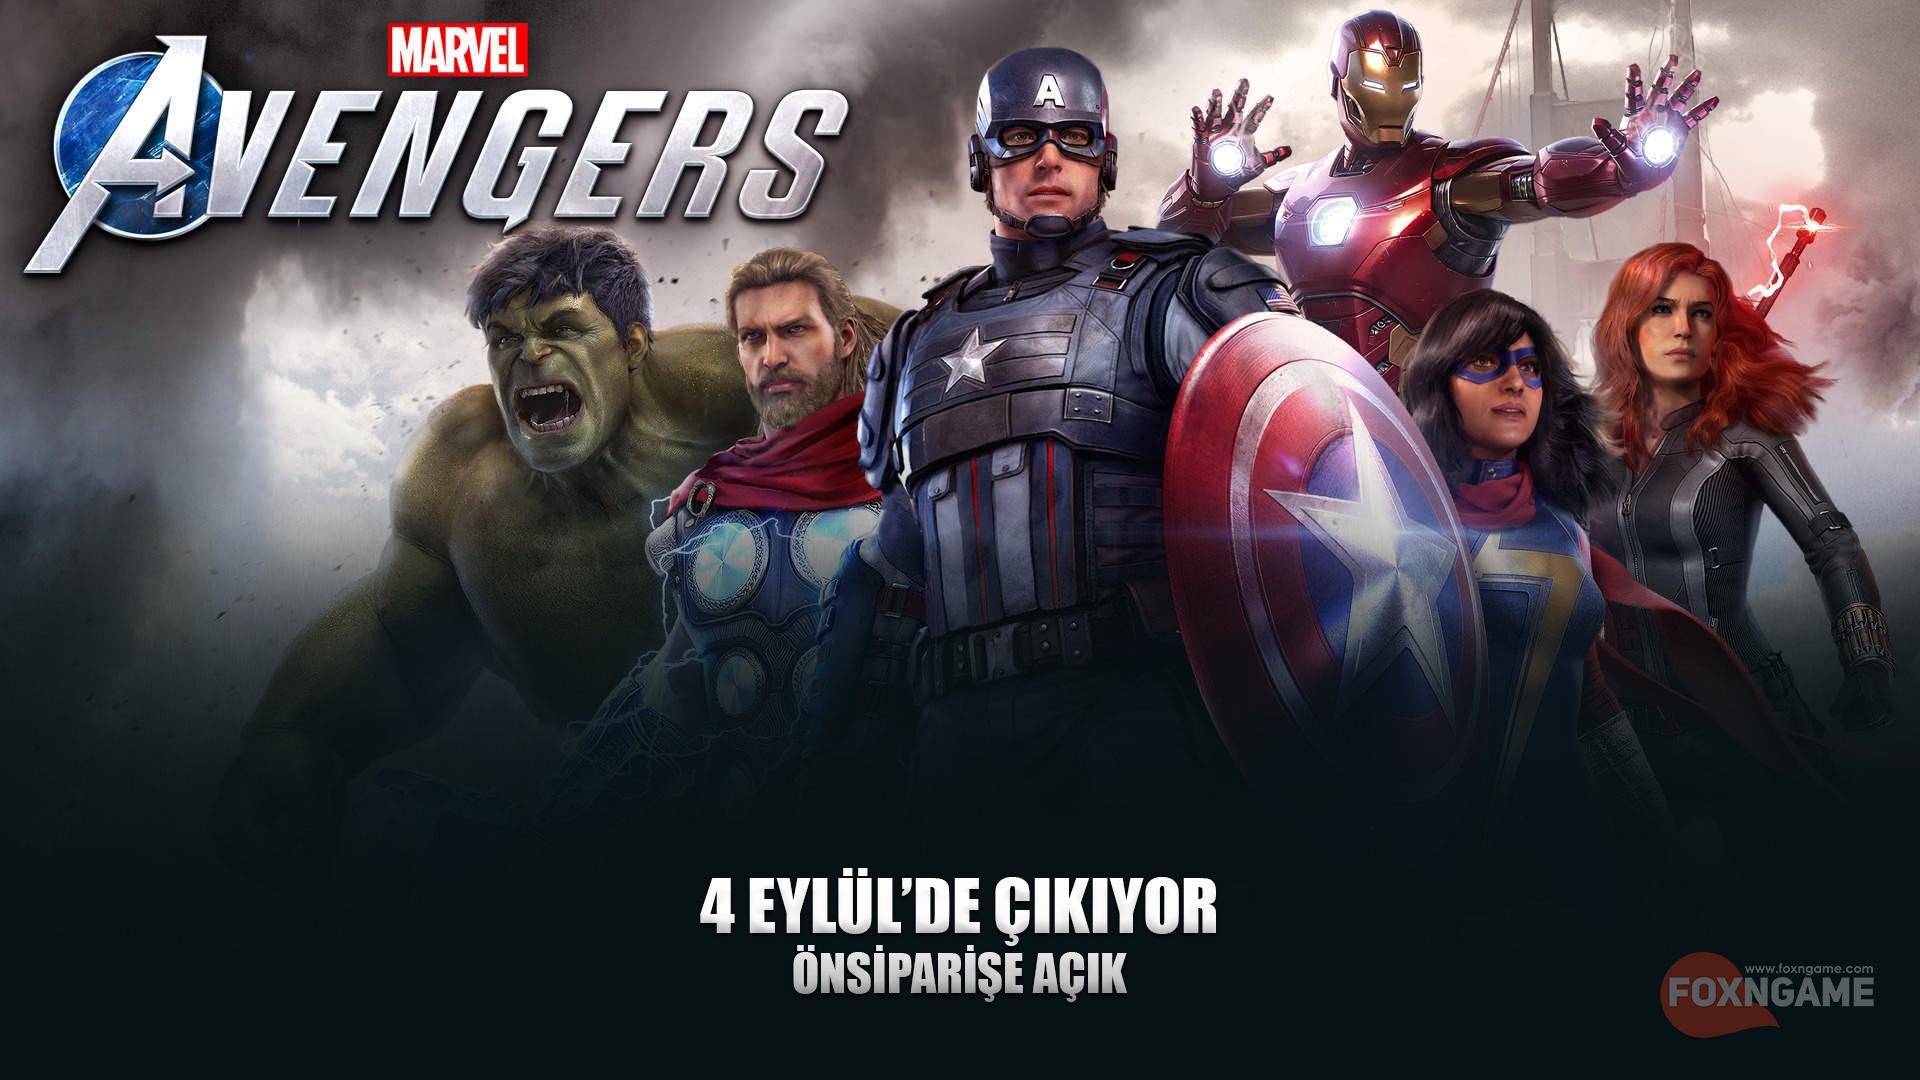 Marvel's Avengers Çıkıyor